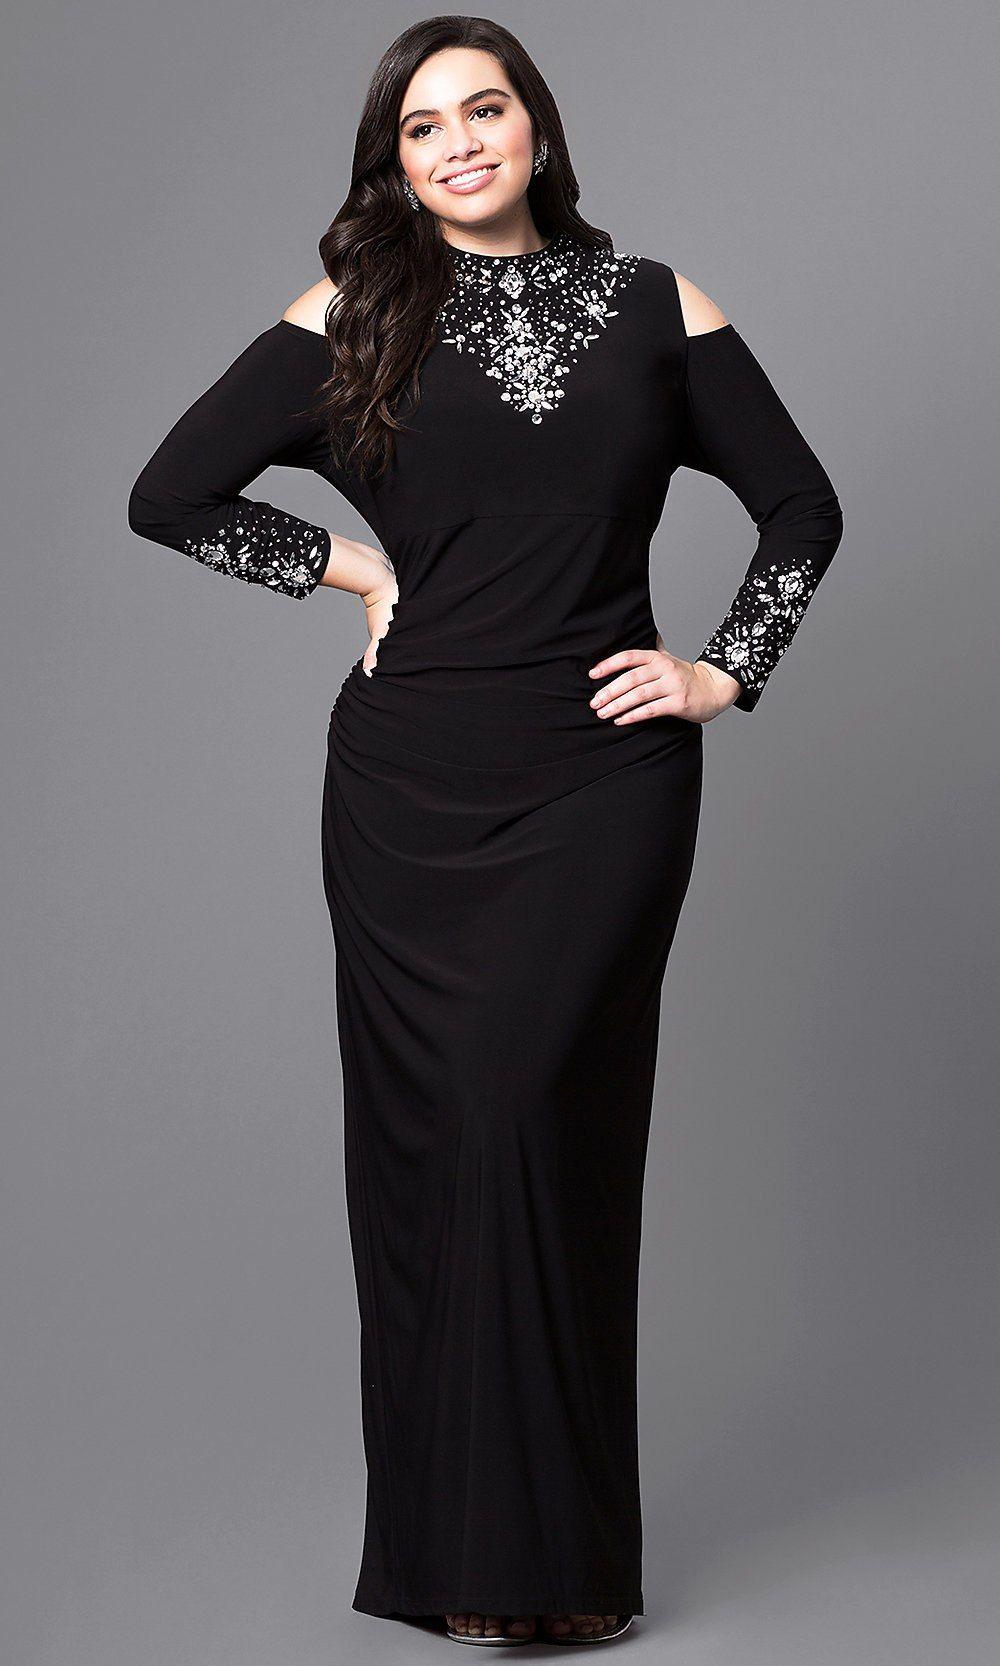 Coldshoulder long black formal dress in plus size in yhbk